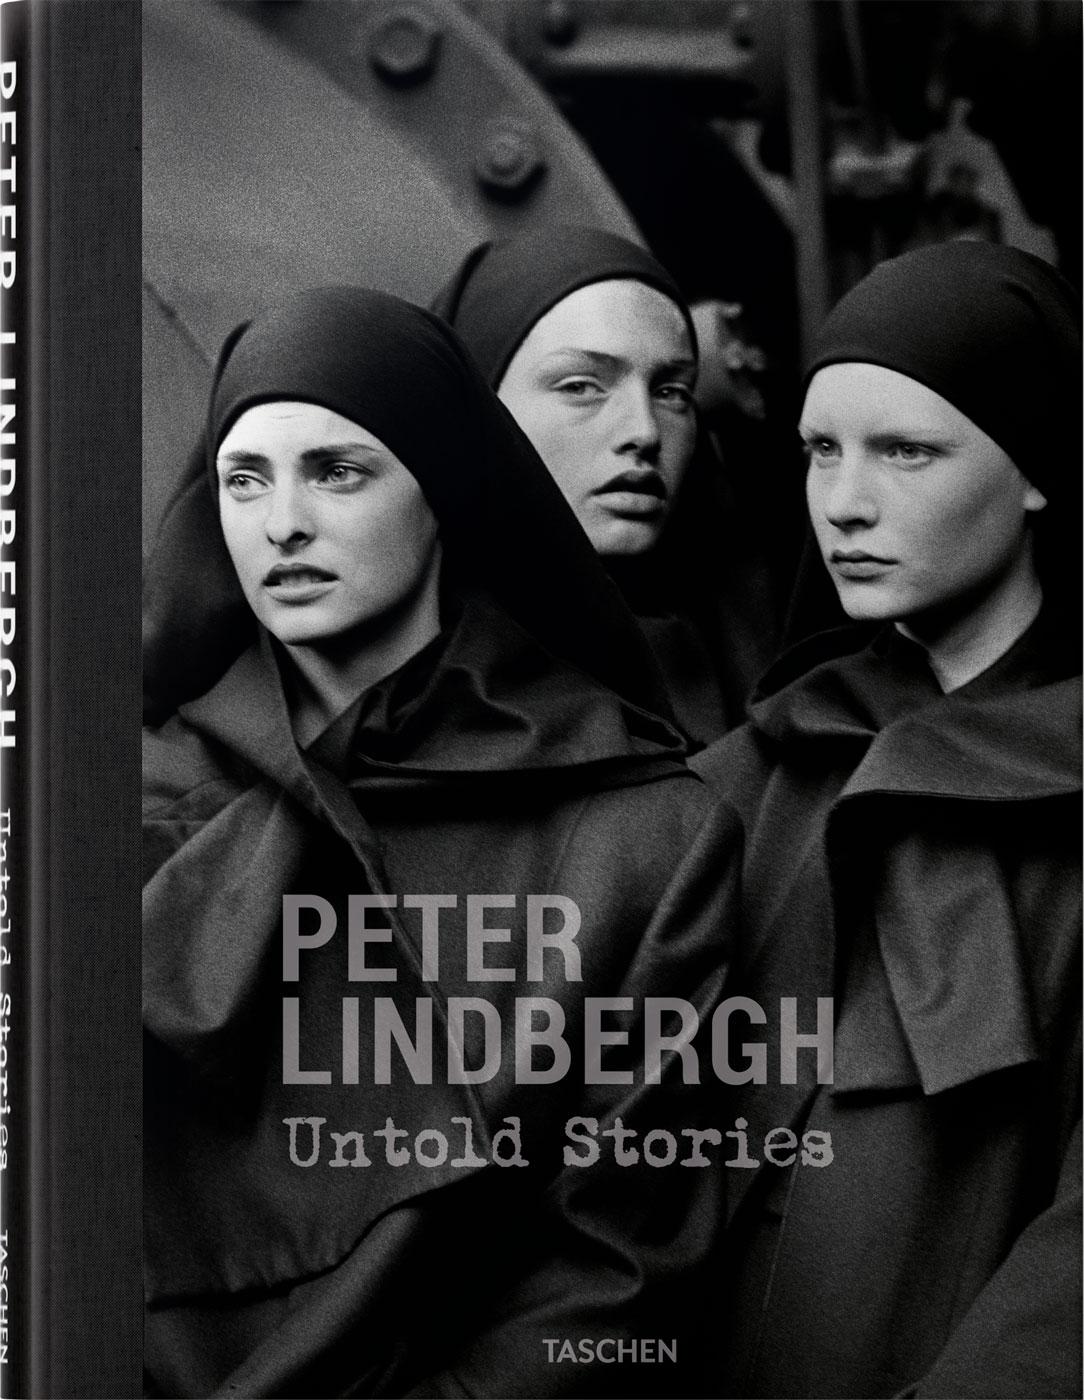 Taschen publie Untold Stories : Une collection de photographies réunies par Peter Lindbergh